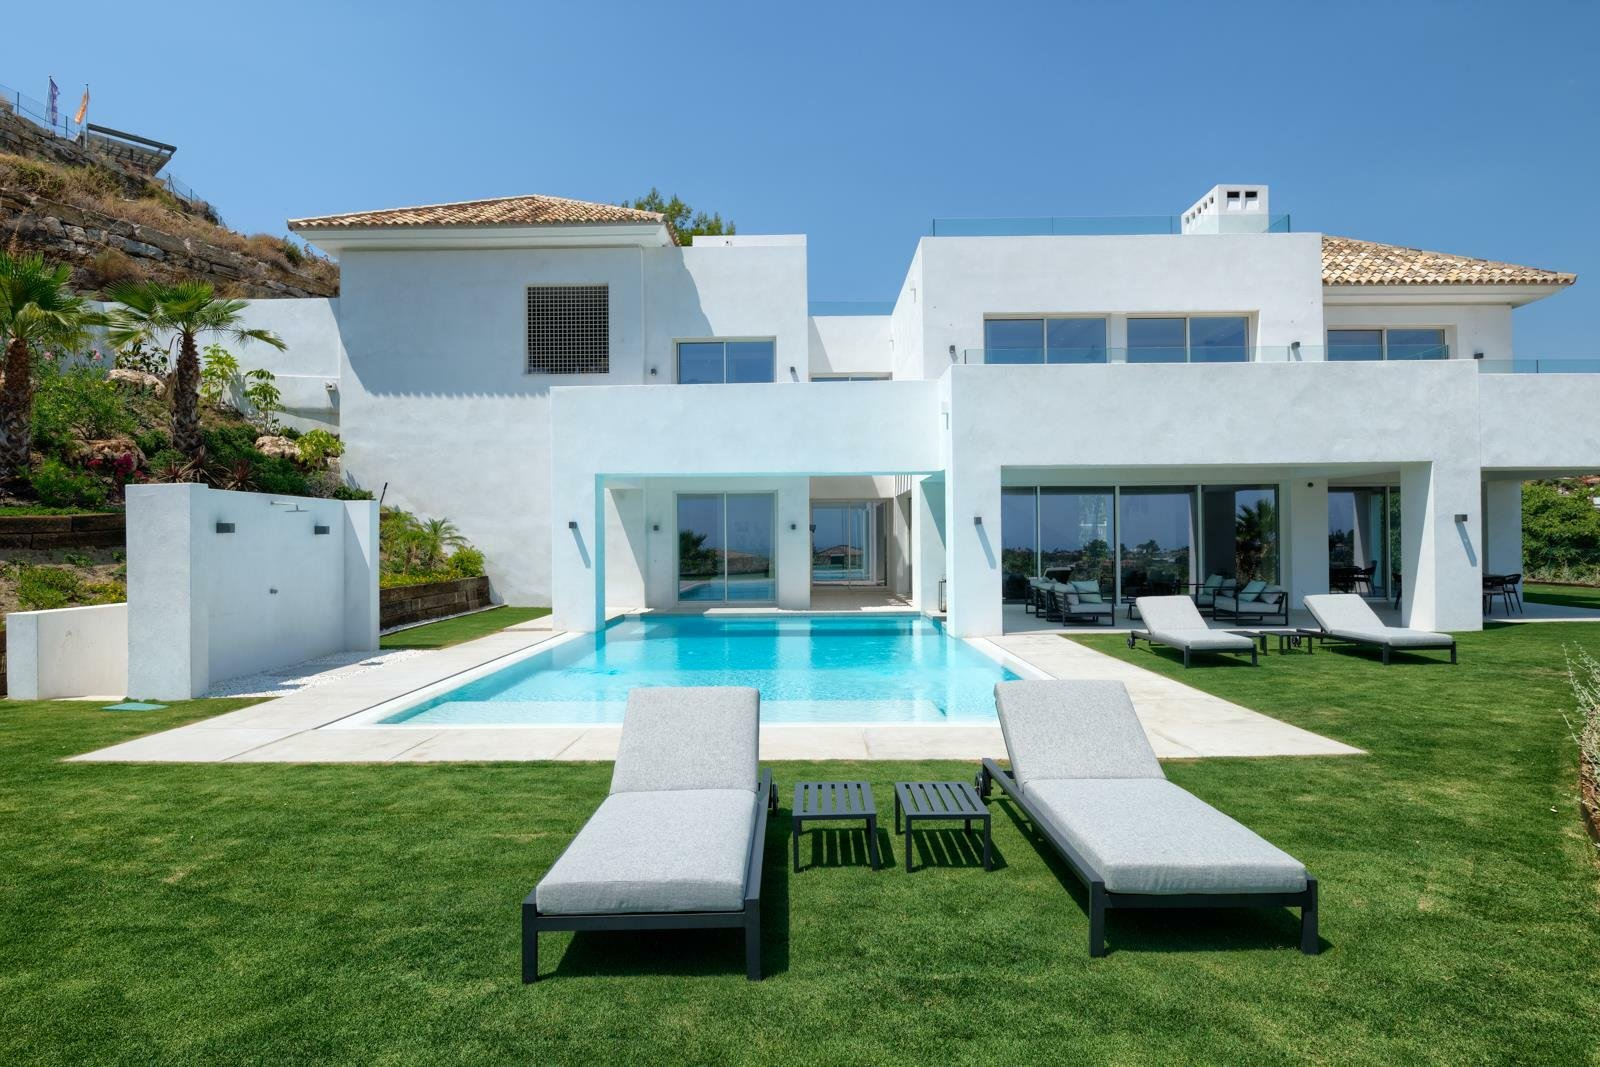 Villa in Estepona, Andalusia, Spain 1 - 11063189